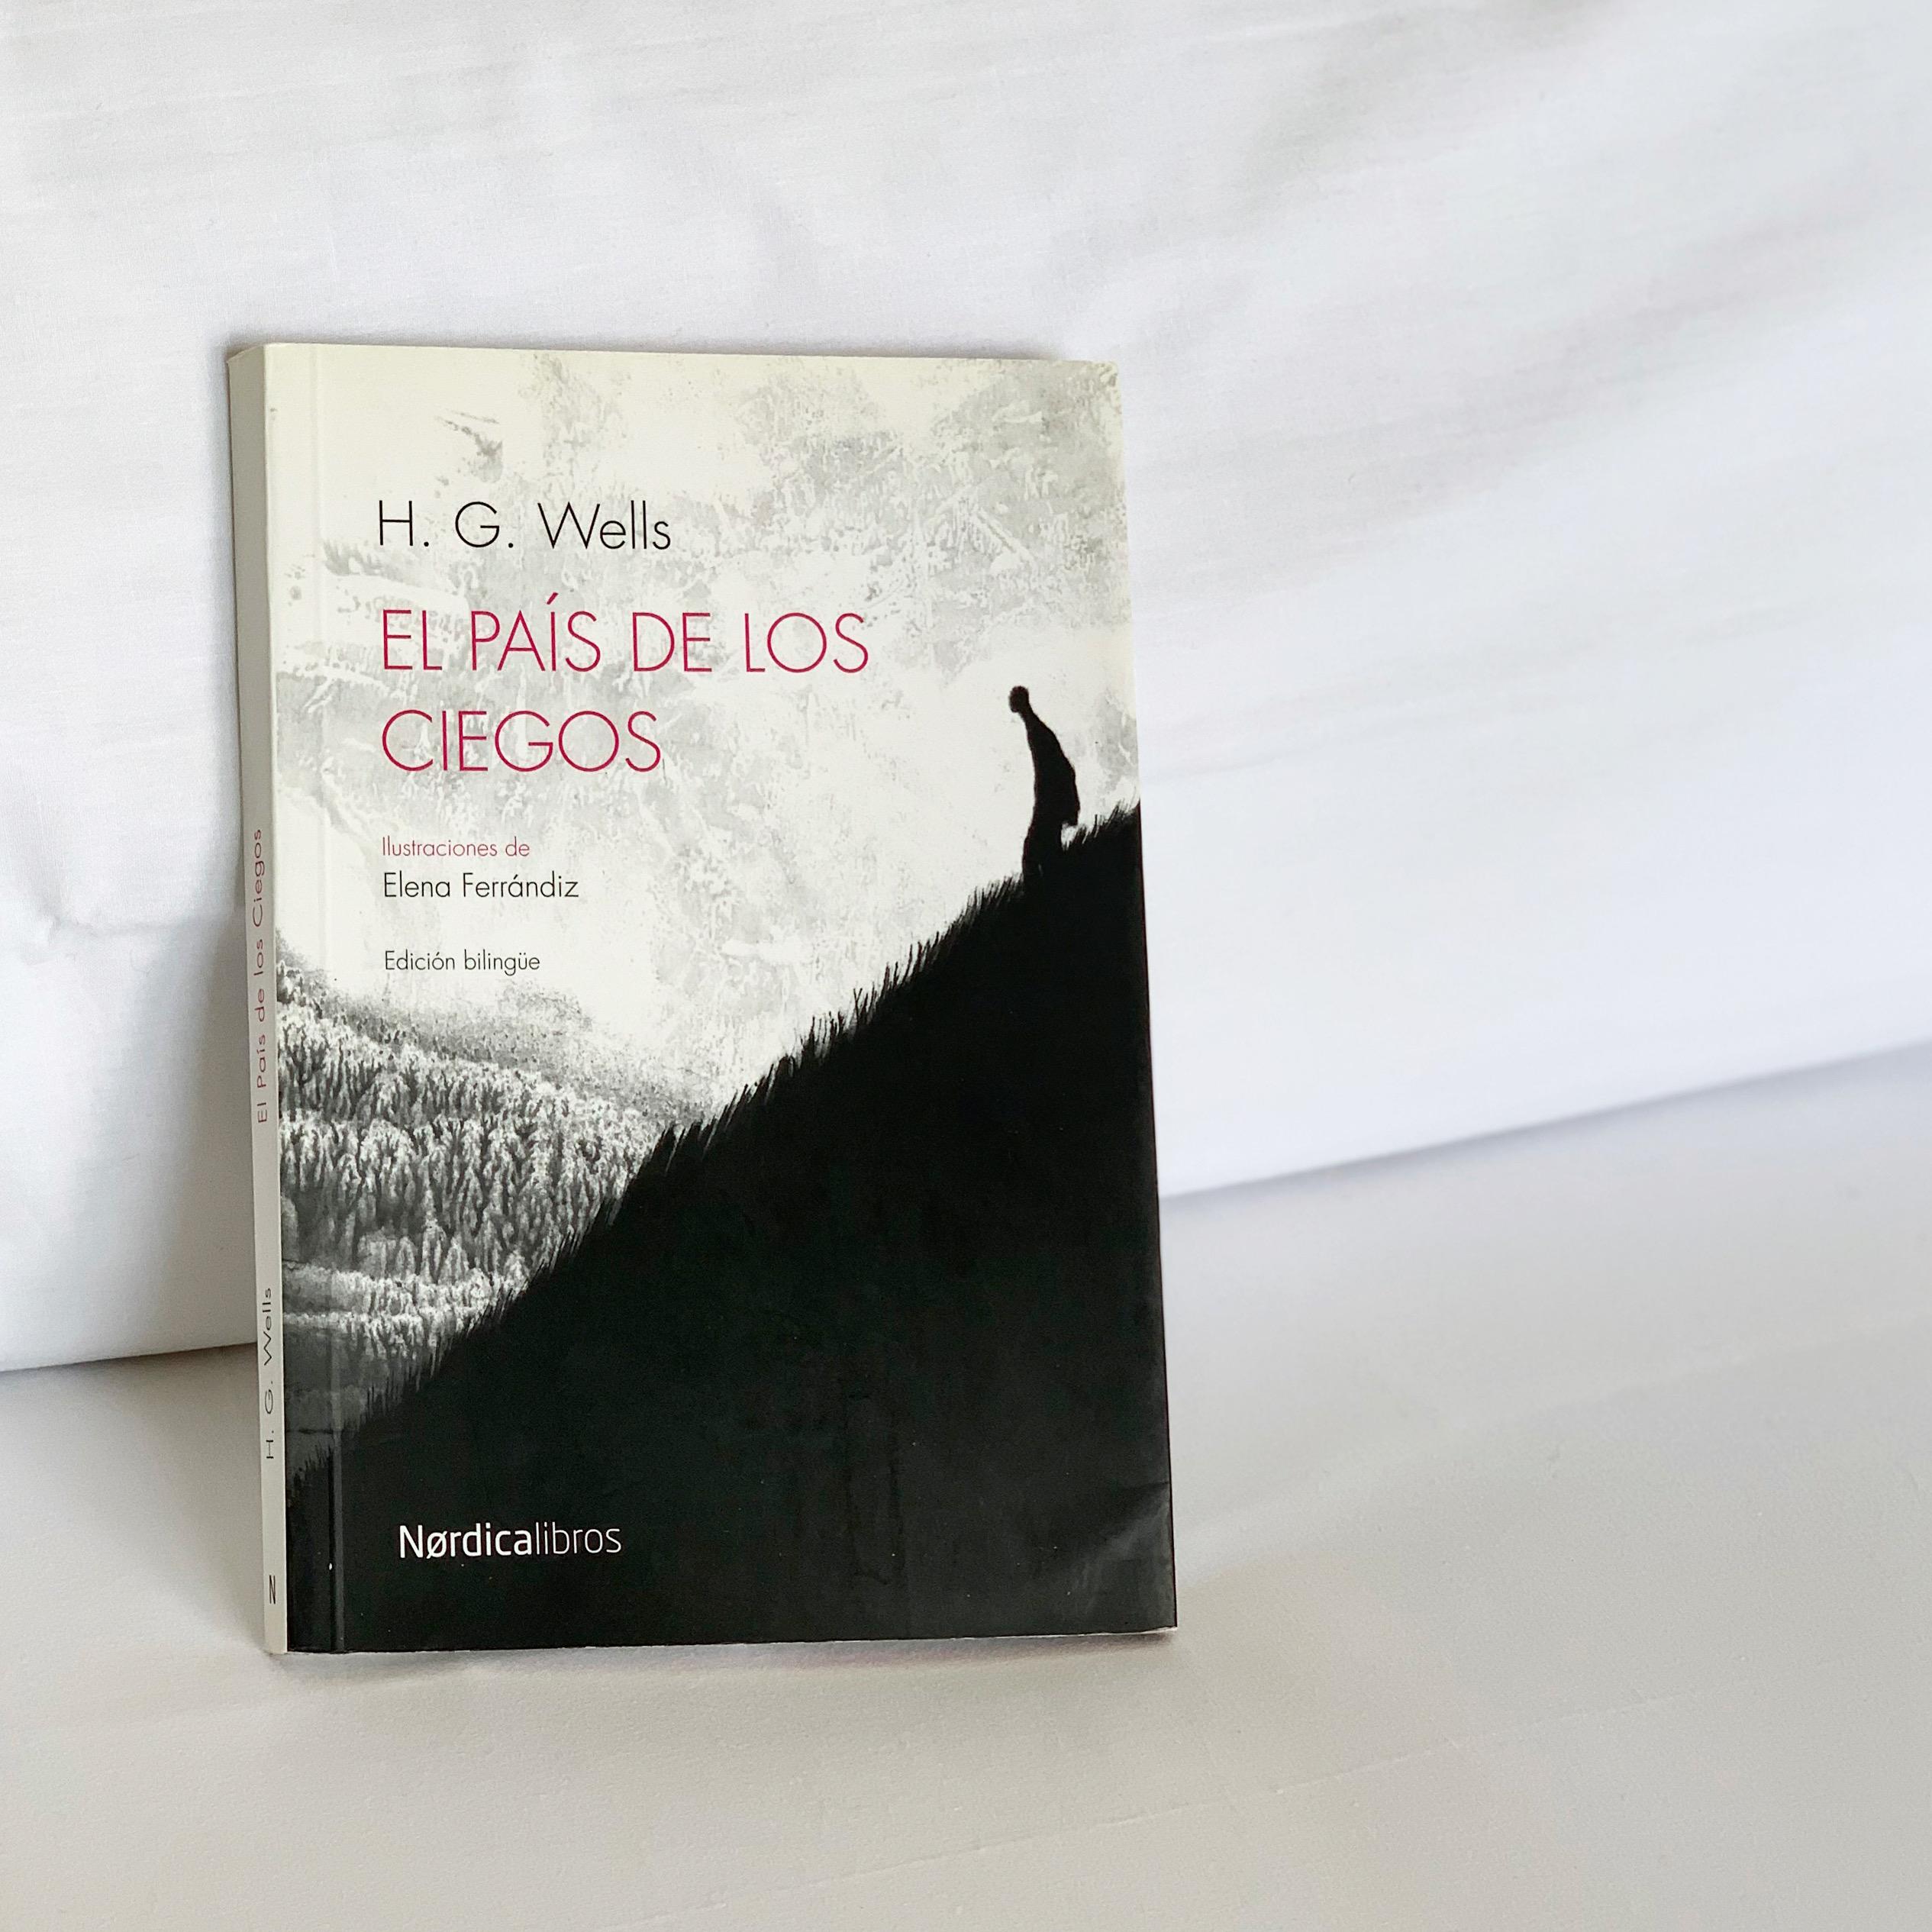 """Imagen de Reseña de """"El país de los ciegos"""", de H.G. Wells."""